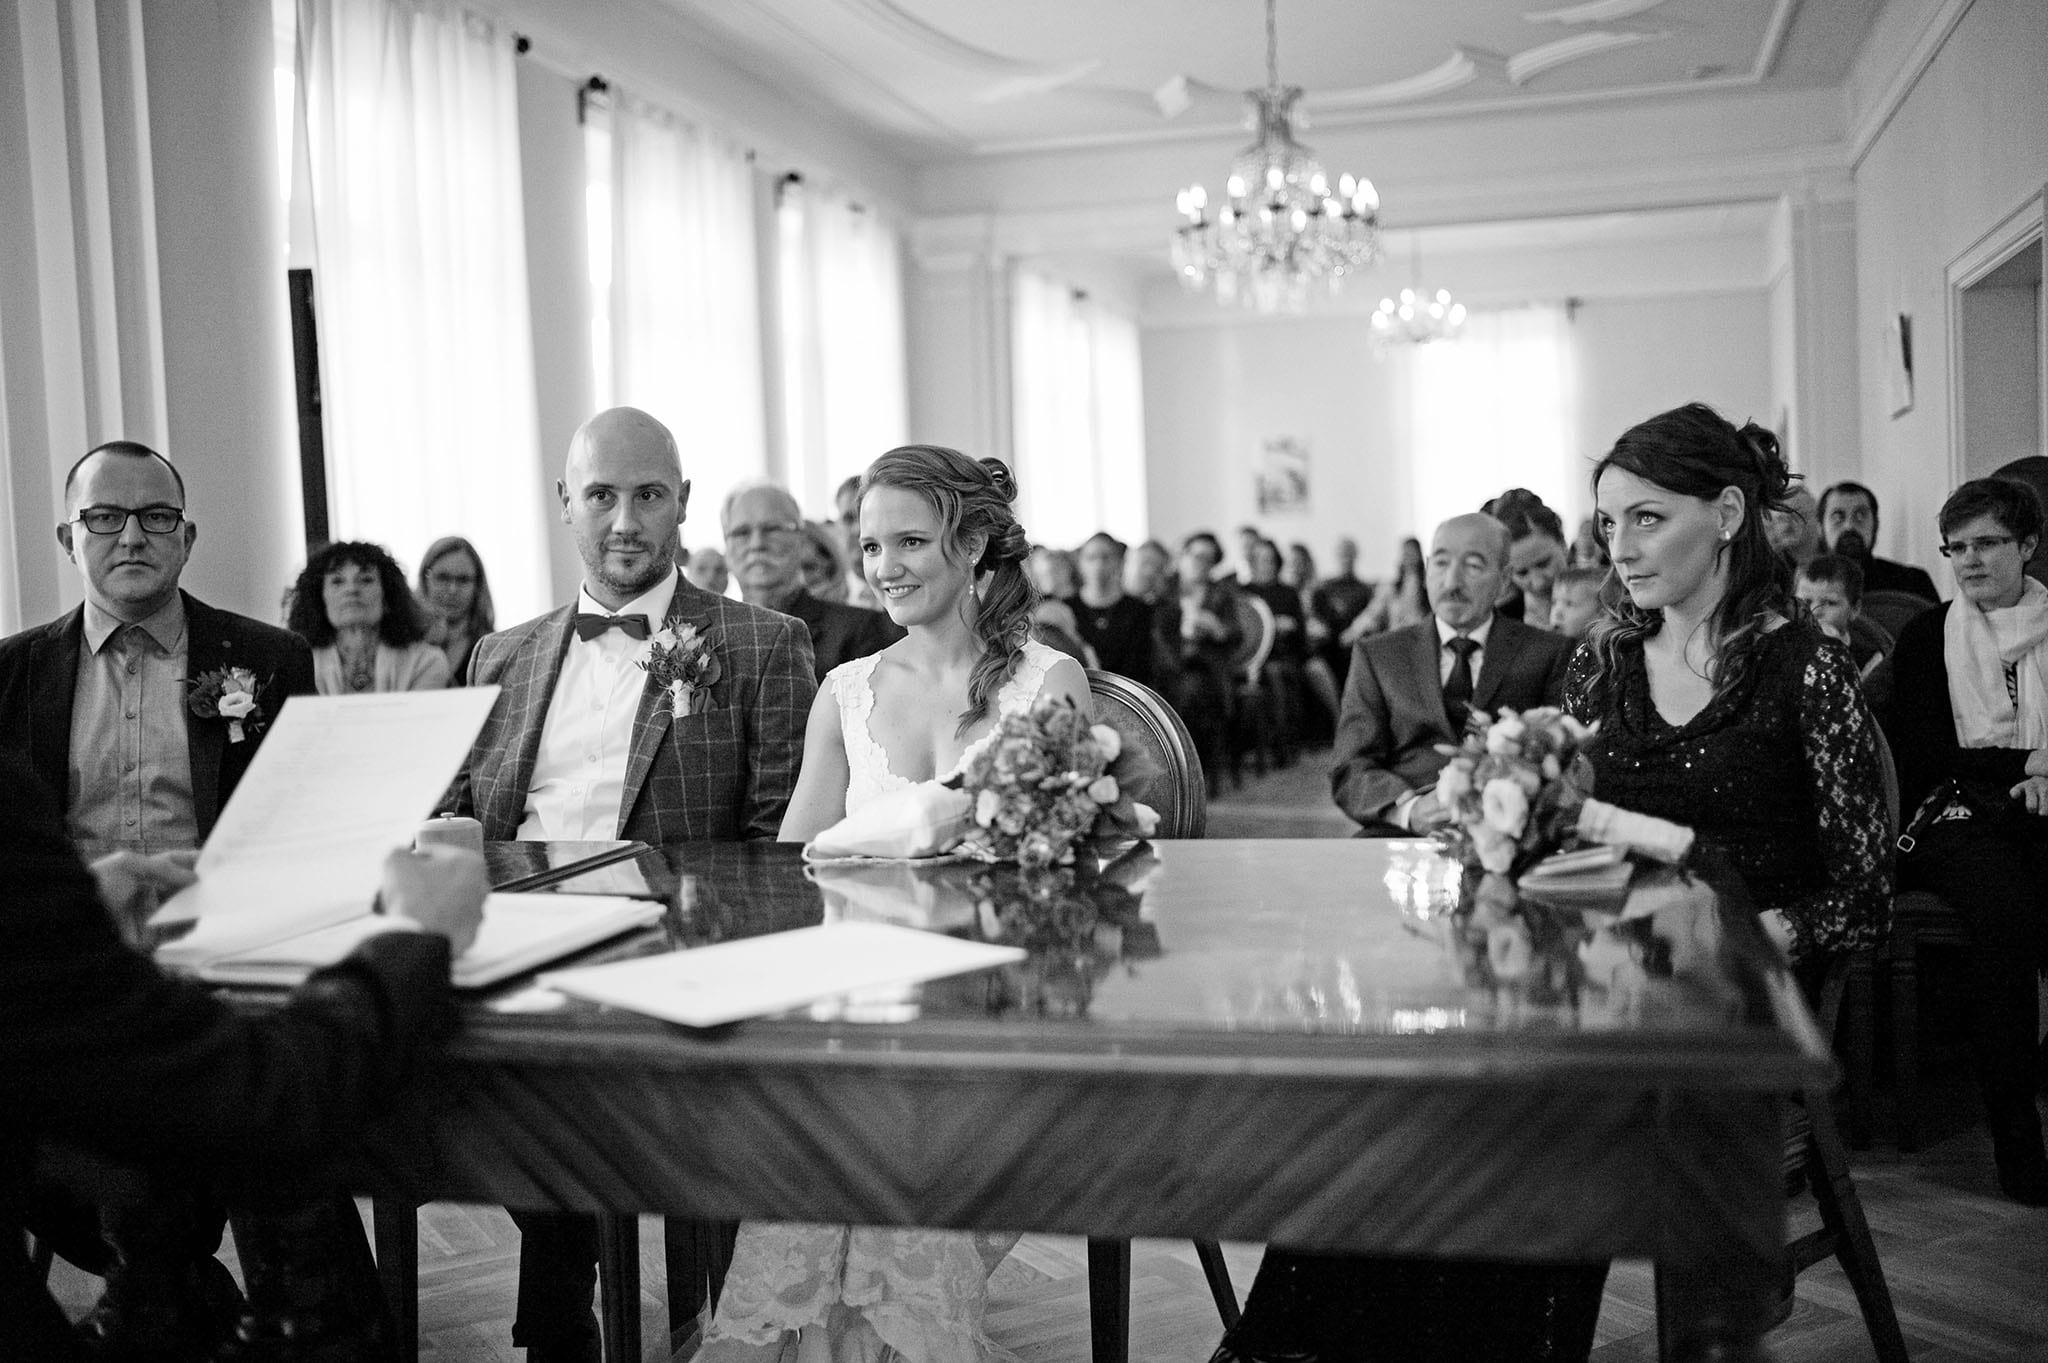 Hochzeit 006 Brautpaar Hochzeit heiraten Foto fotografieren Trauung Ehe Standesamt Lorsch Ja-Wort Hochzeitsfoto Daniel Fuss Fotografie